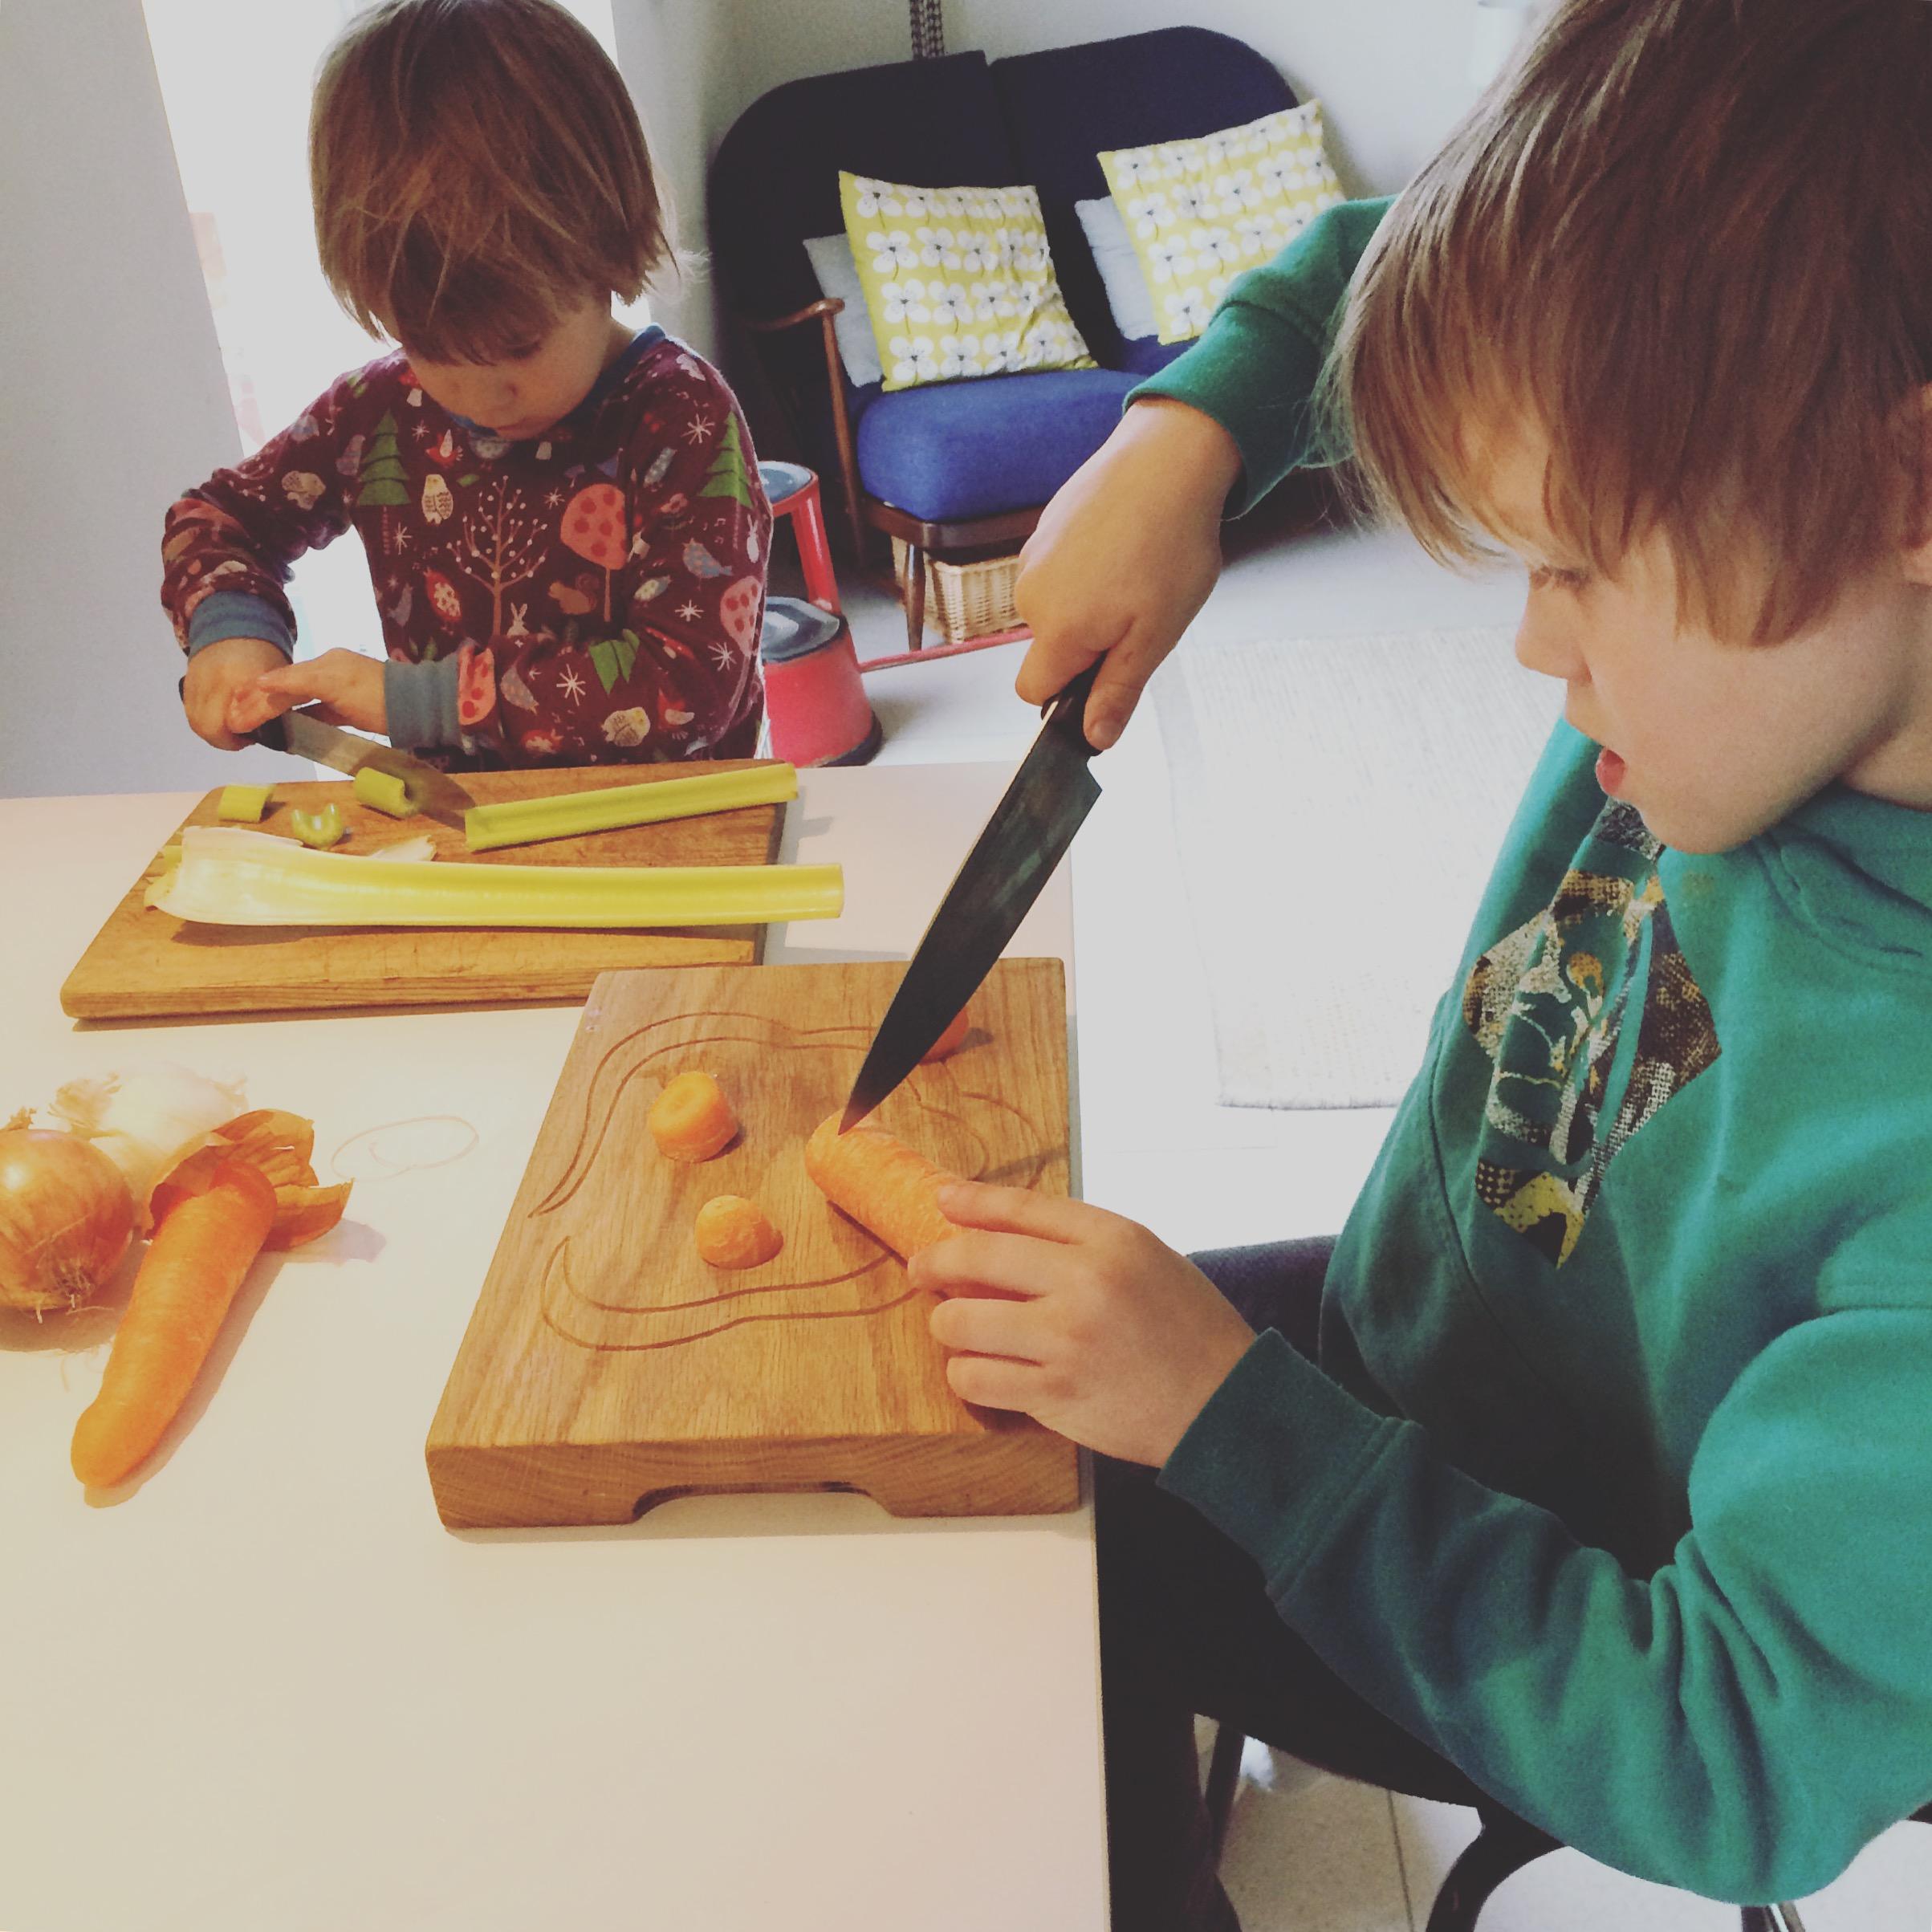 Mummy's little helpers.